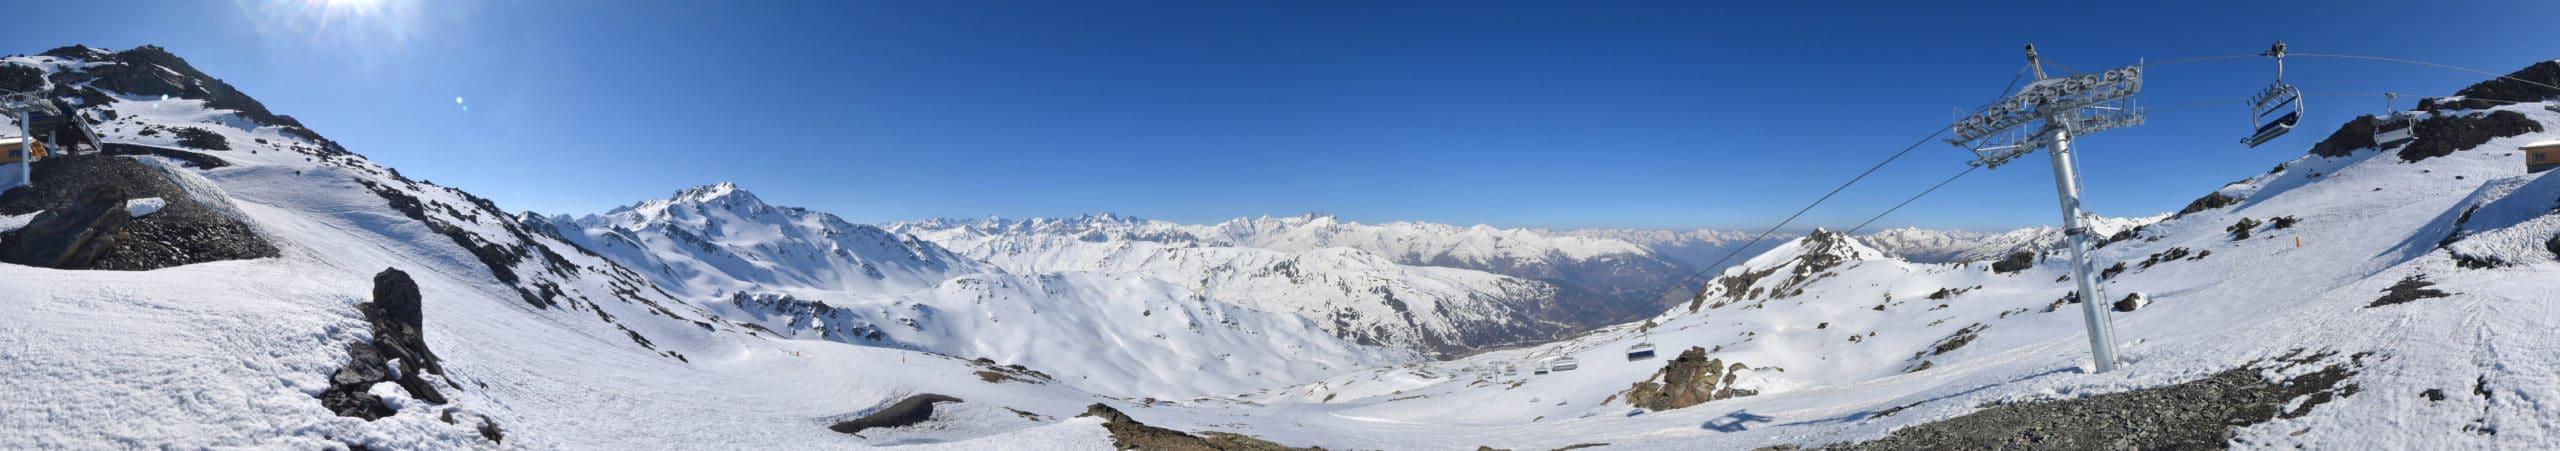 Nouveauté sur le domaine skiable